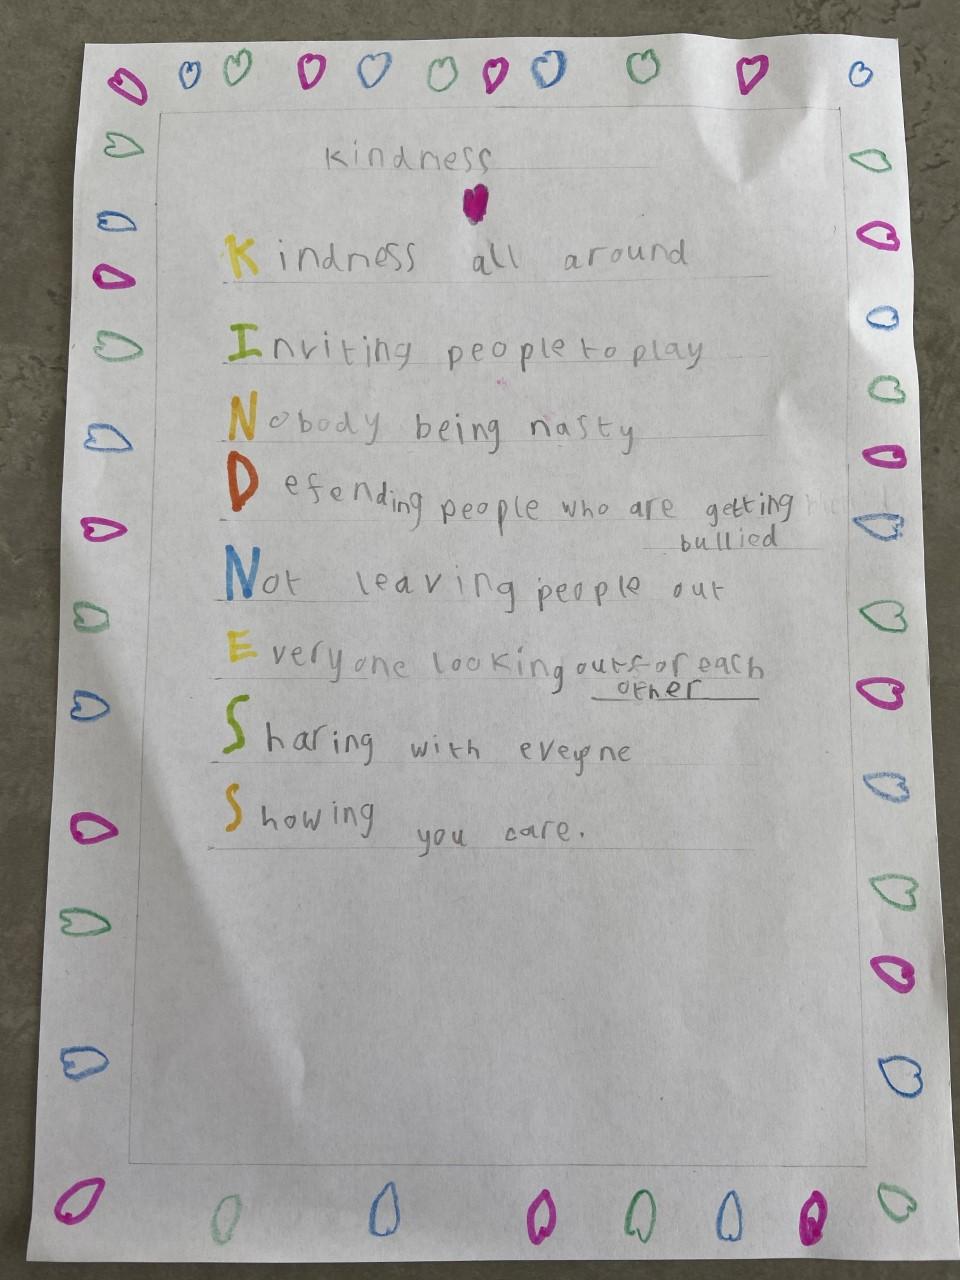 Children's handwritten poem on kindness